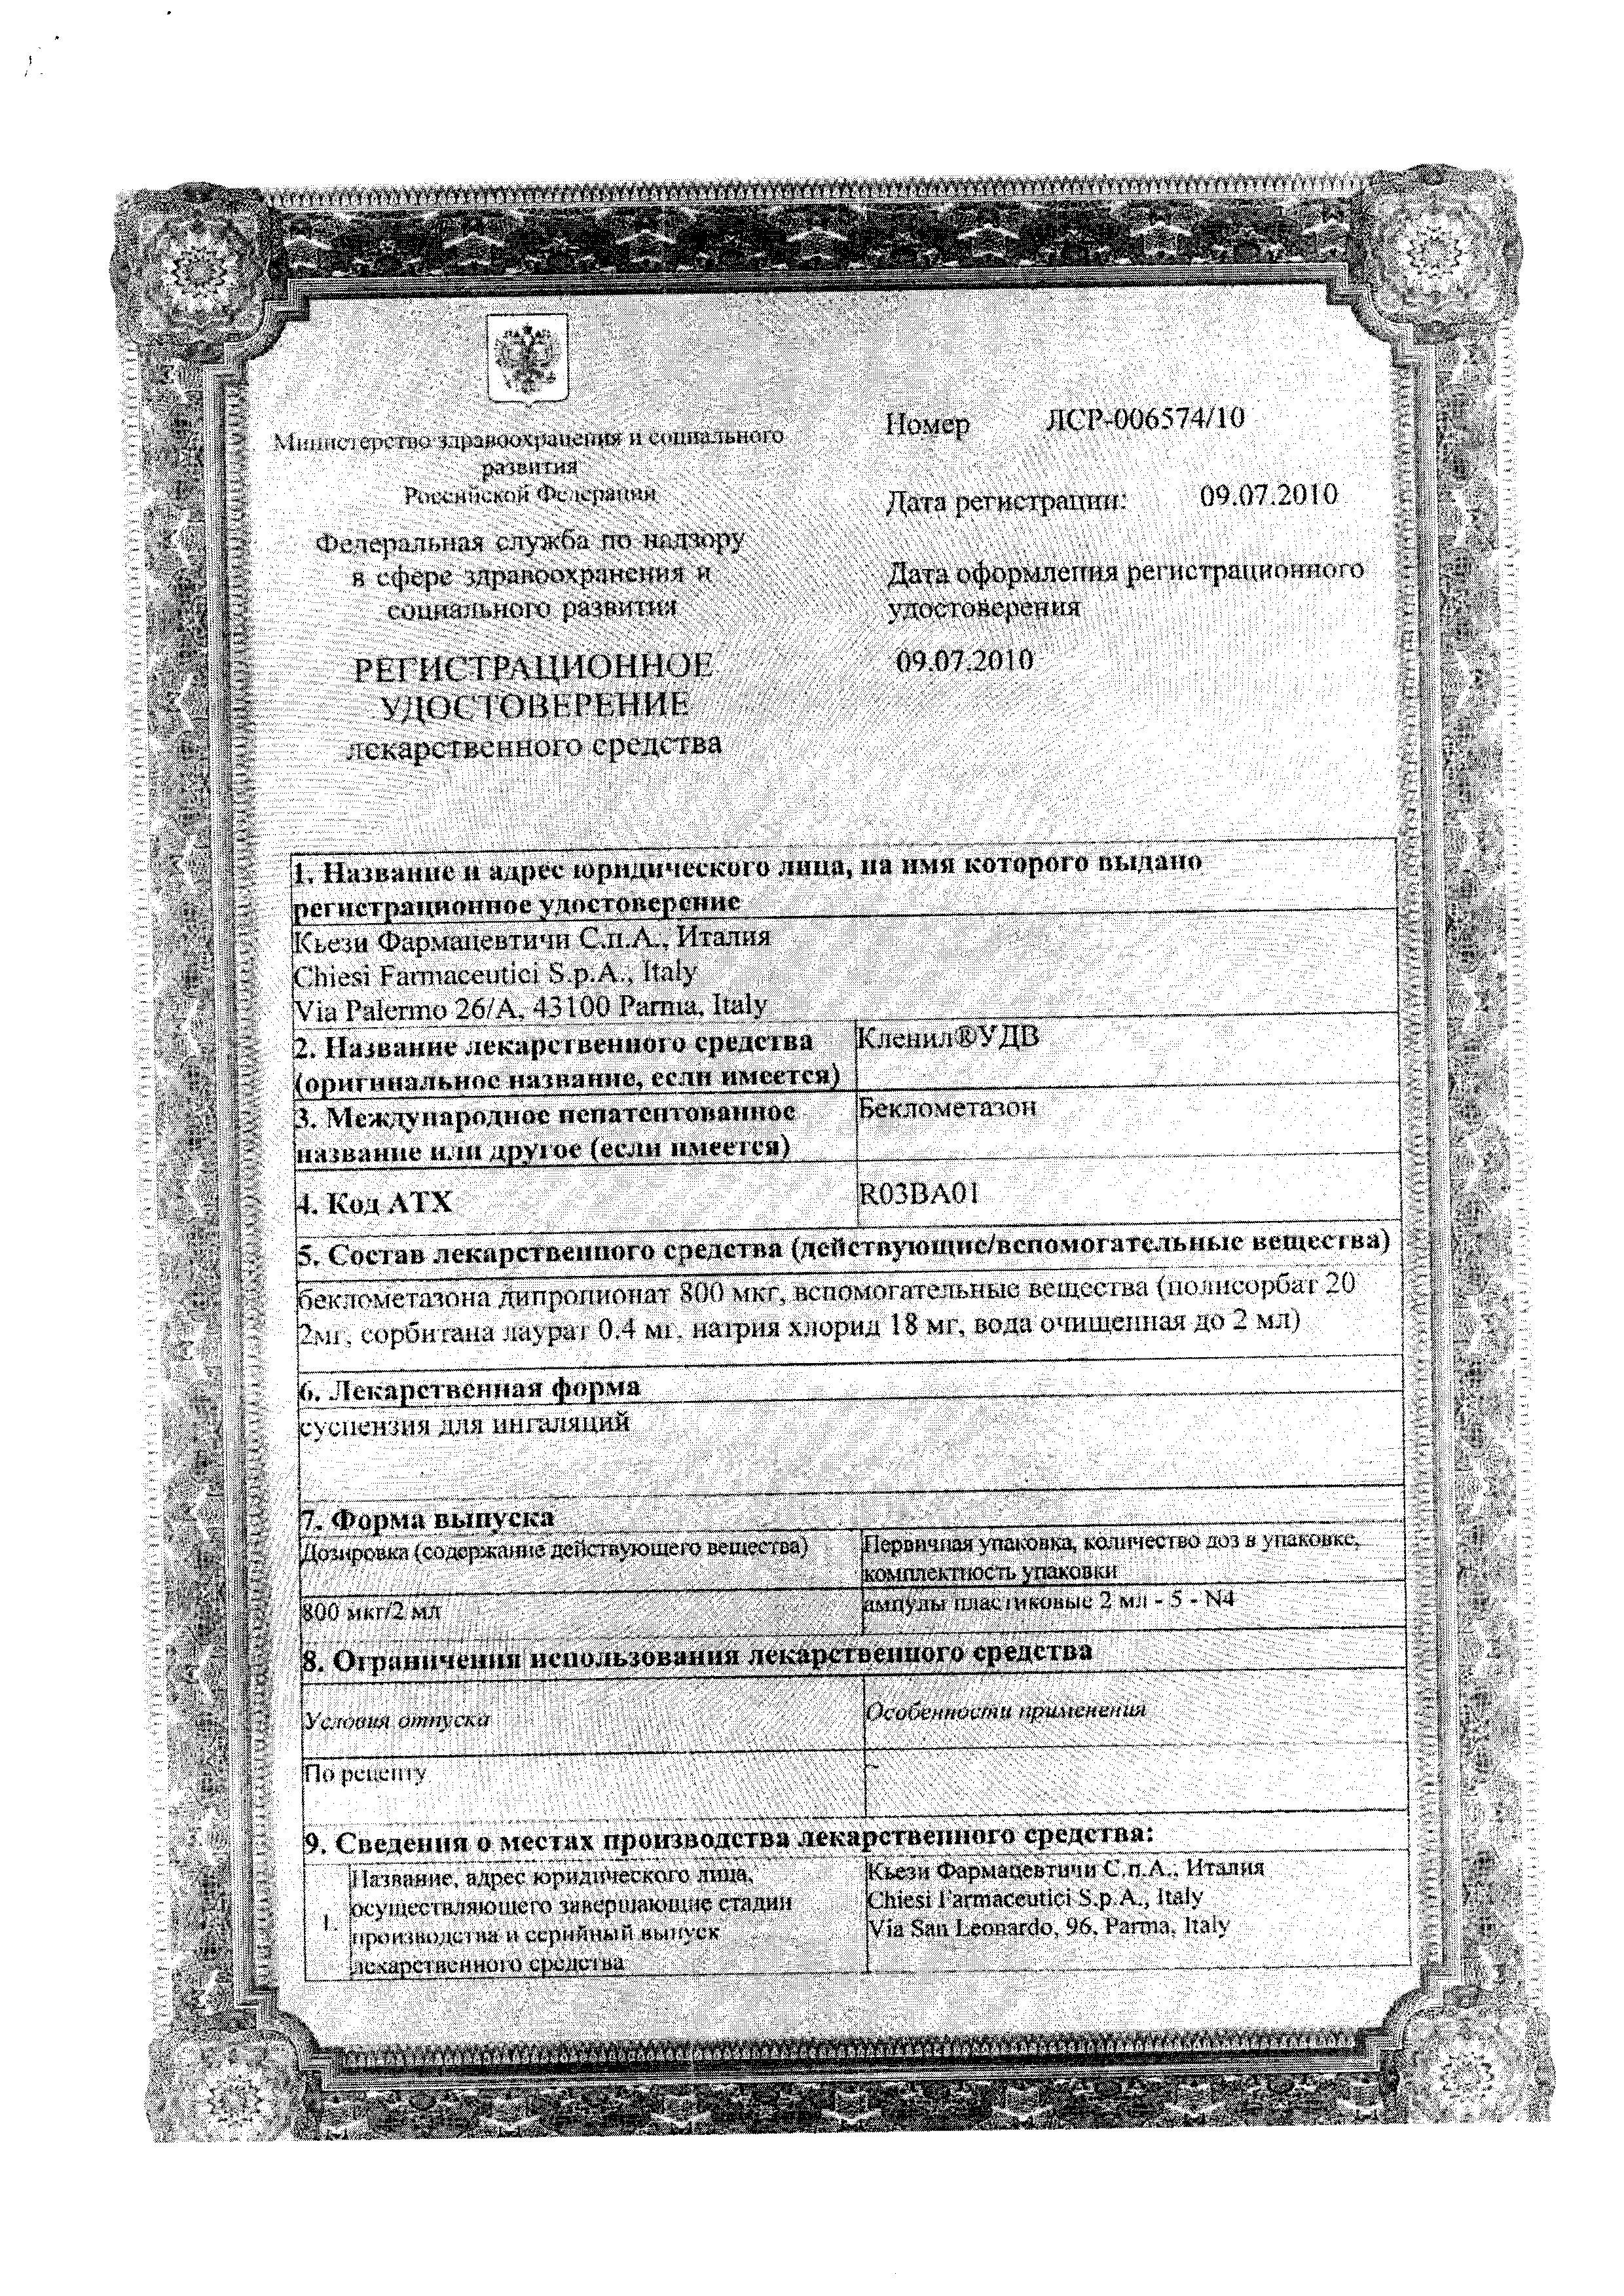 Кленил УДВ сертификат